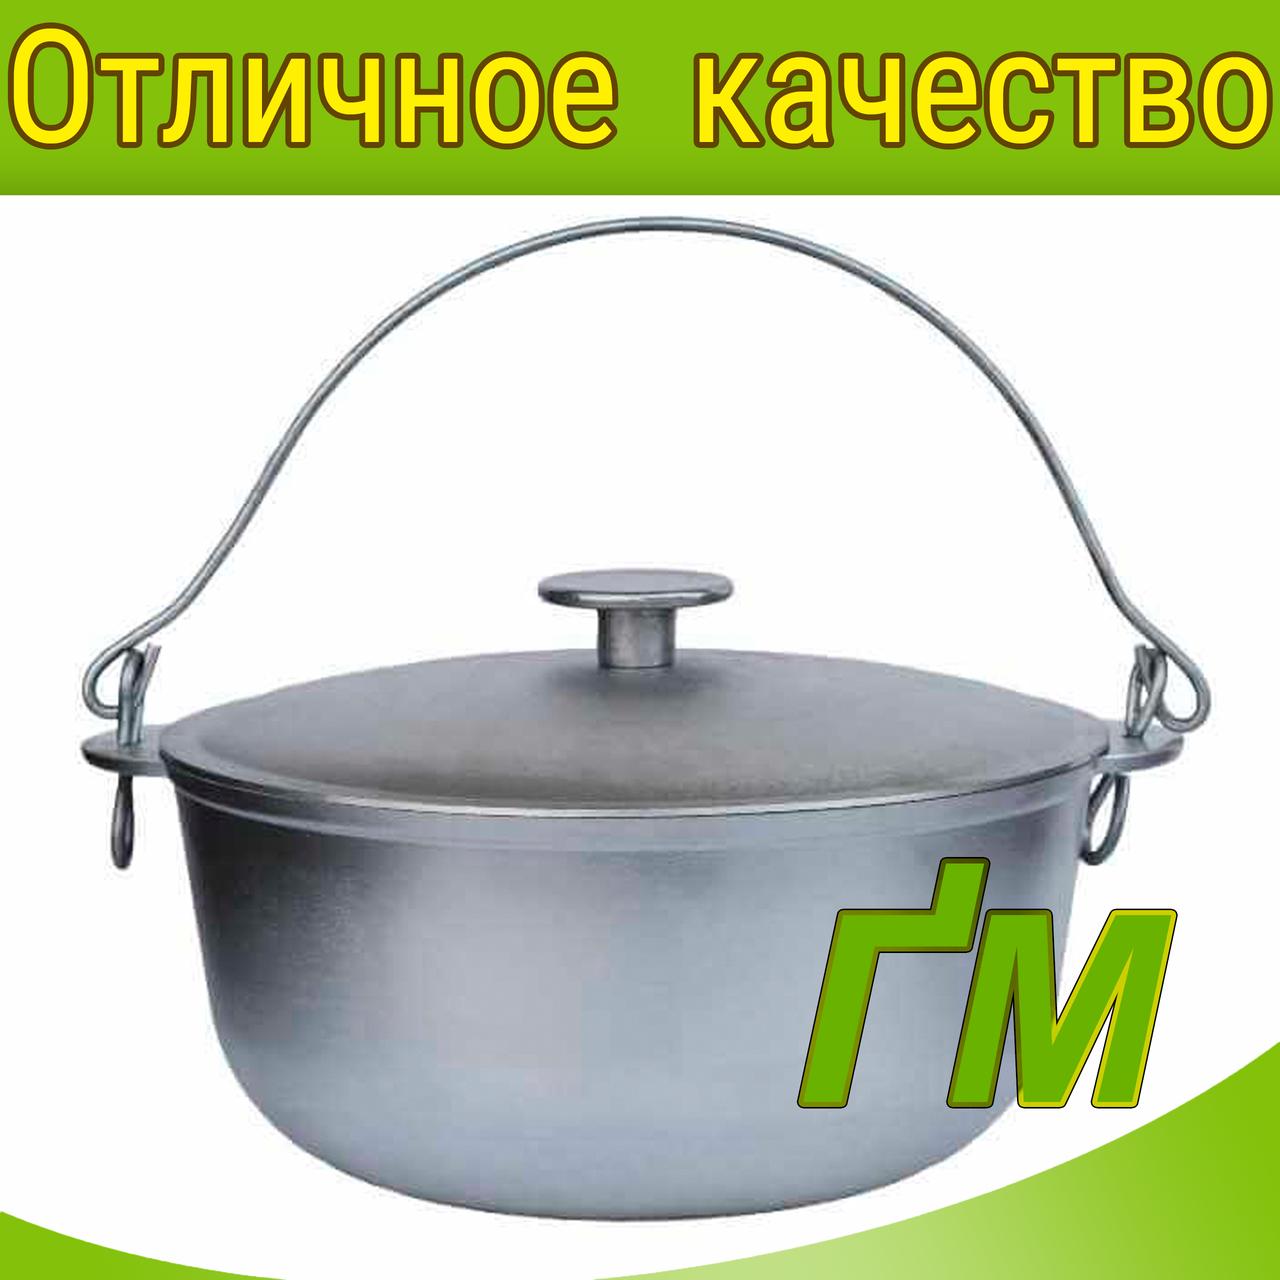 Казан походный с крышкой и дужкой, объем 12 л.